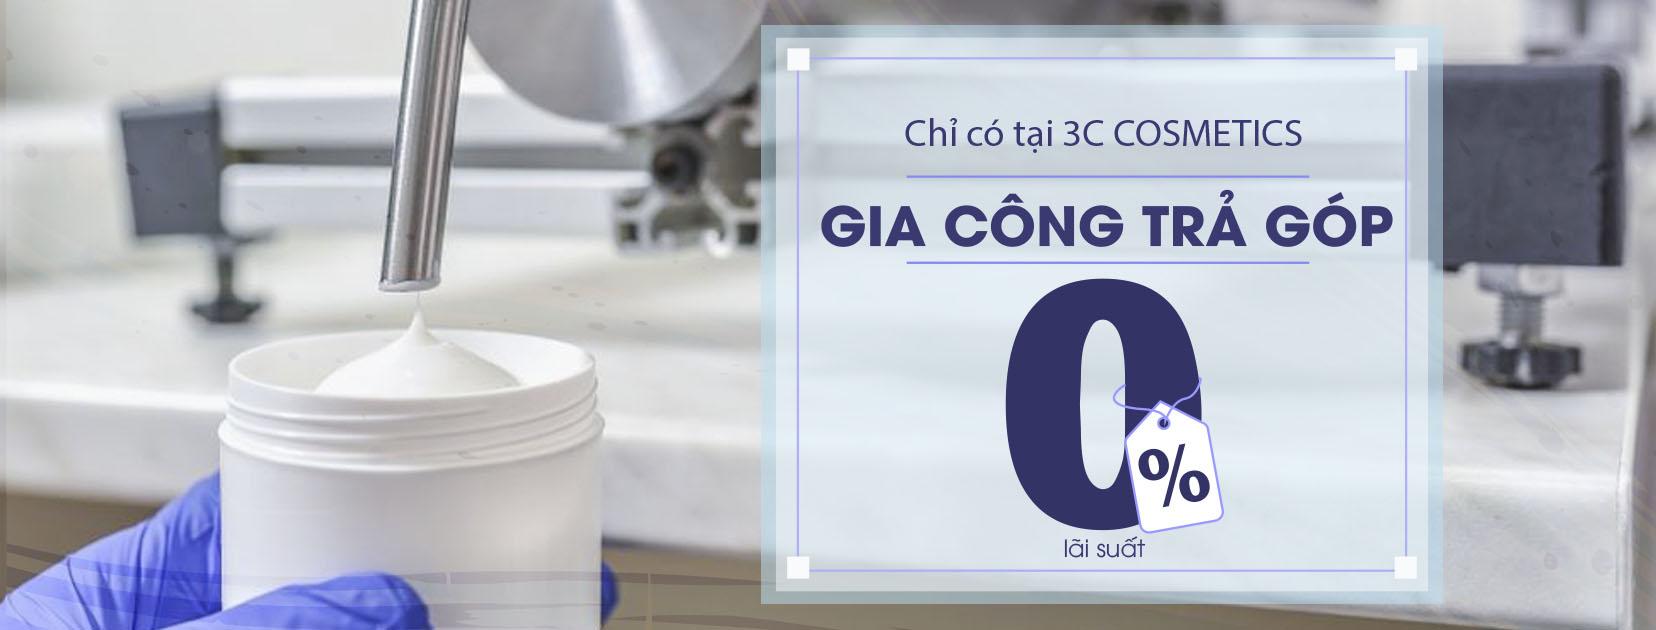 gia-cong-my-pham-tra-gop